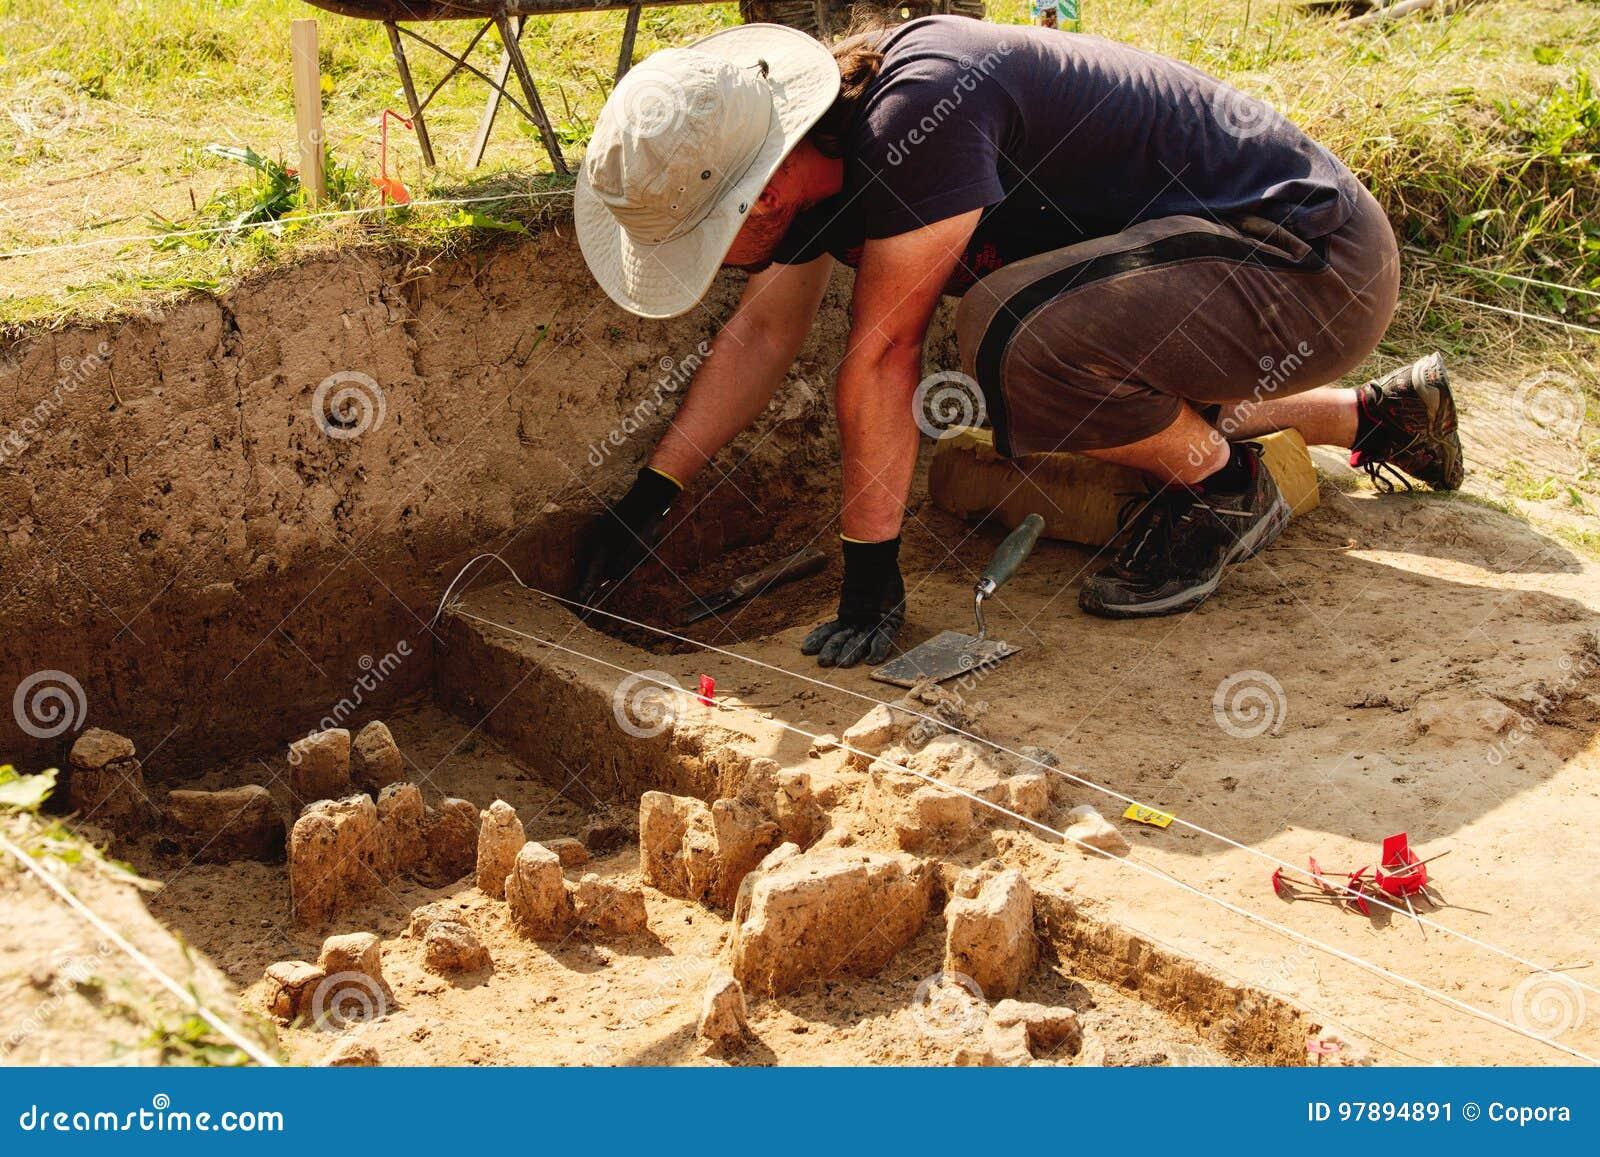 Herramientas arqueológicas, arqueólogo que trabaja en sitio, mano y herramienta